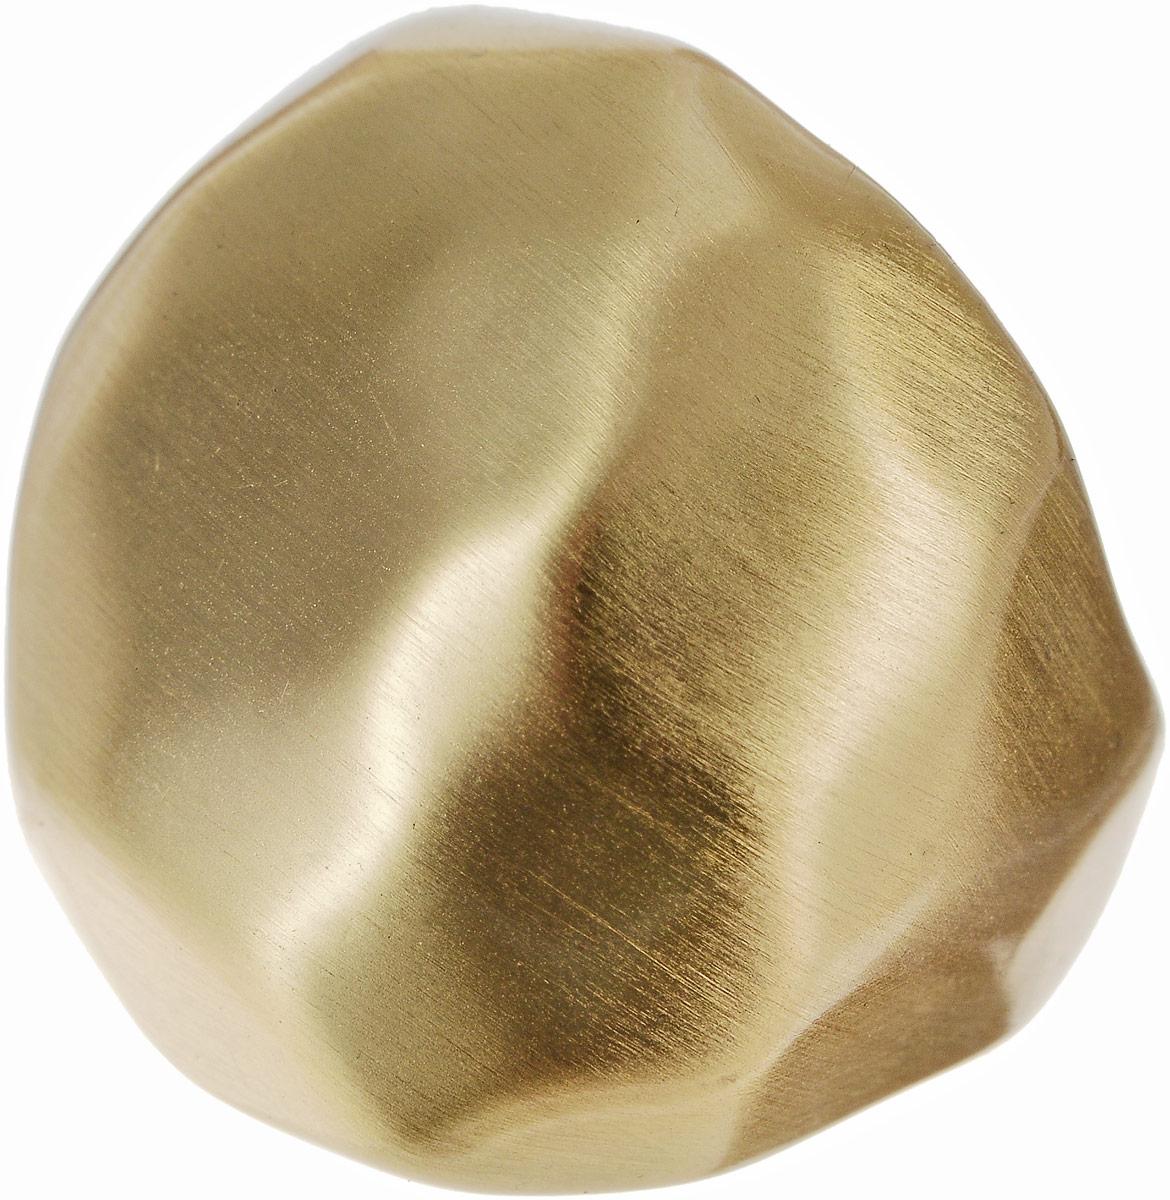 Кольцо Art-Silver, цвет: золотой. М0735-473. Размер 17,5М0735-473Оригинальное кольцо Art-Silver выполнено из бижутерного сплава с гальваническим покрытием. Элегантное кольцо Art-Silver превосходно дополнит ваш образ и подчеркнет отменное чувство стиля своей обладательницы.